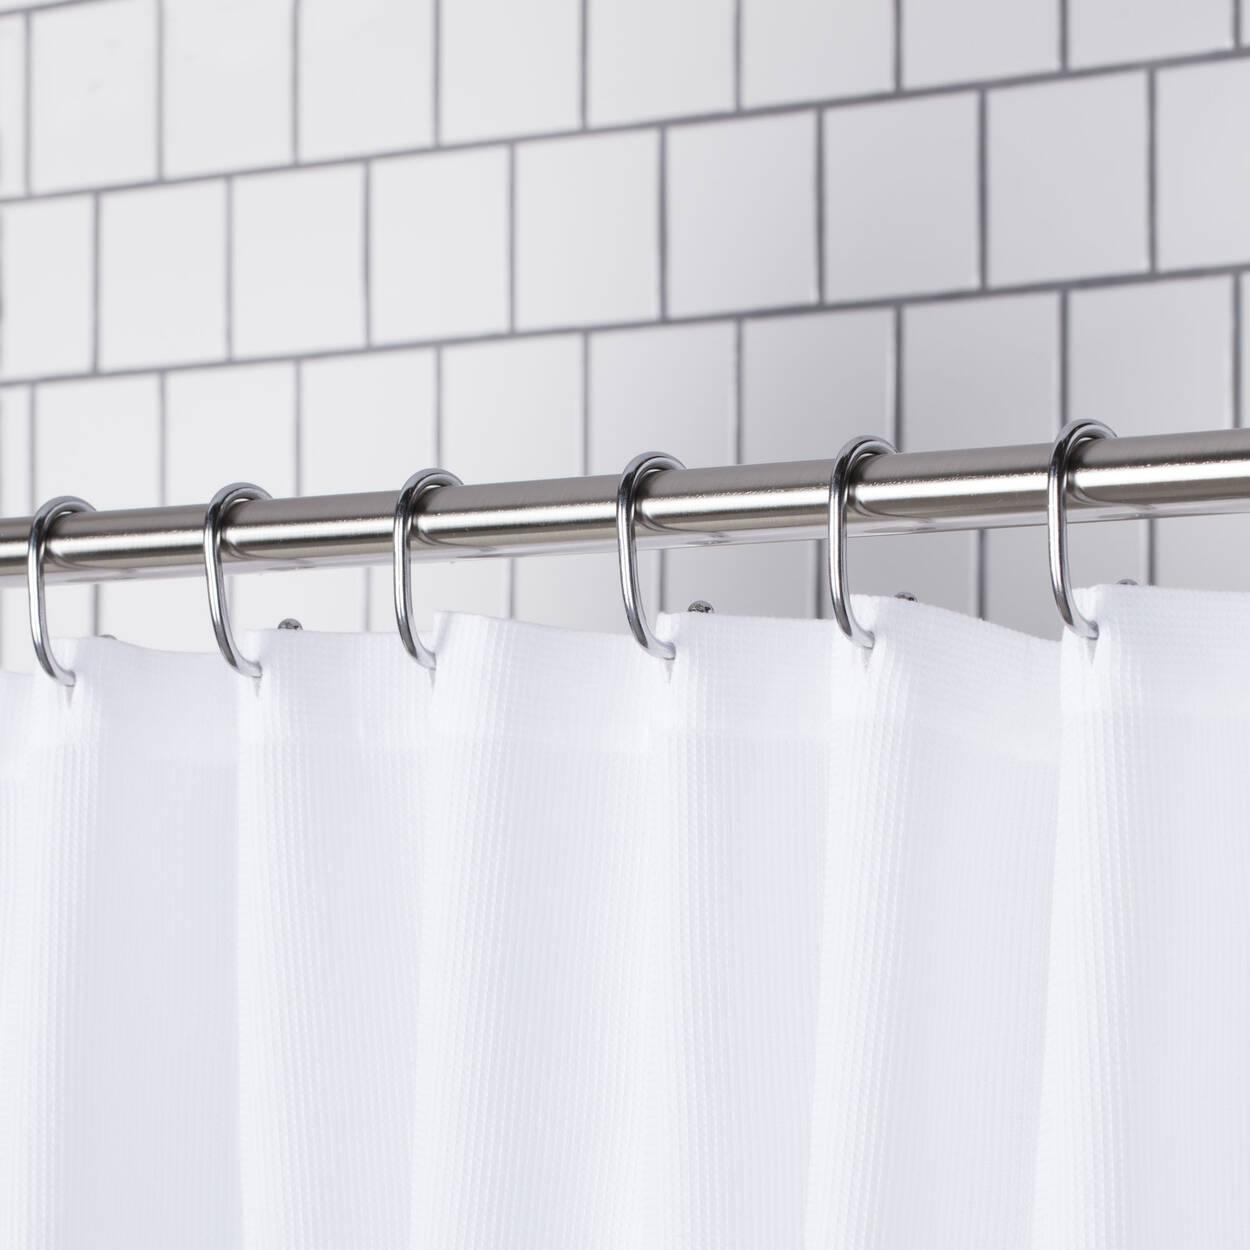 Ensemble de 12 crochets pour rideau de douche for Bain et douche ensemble